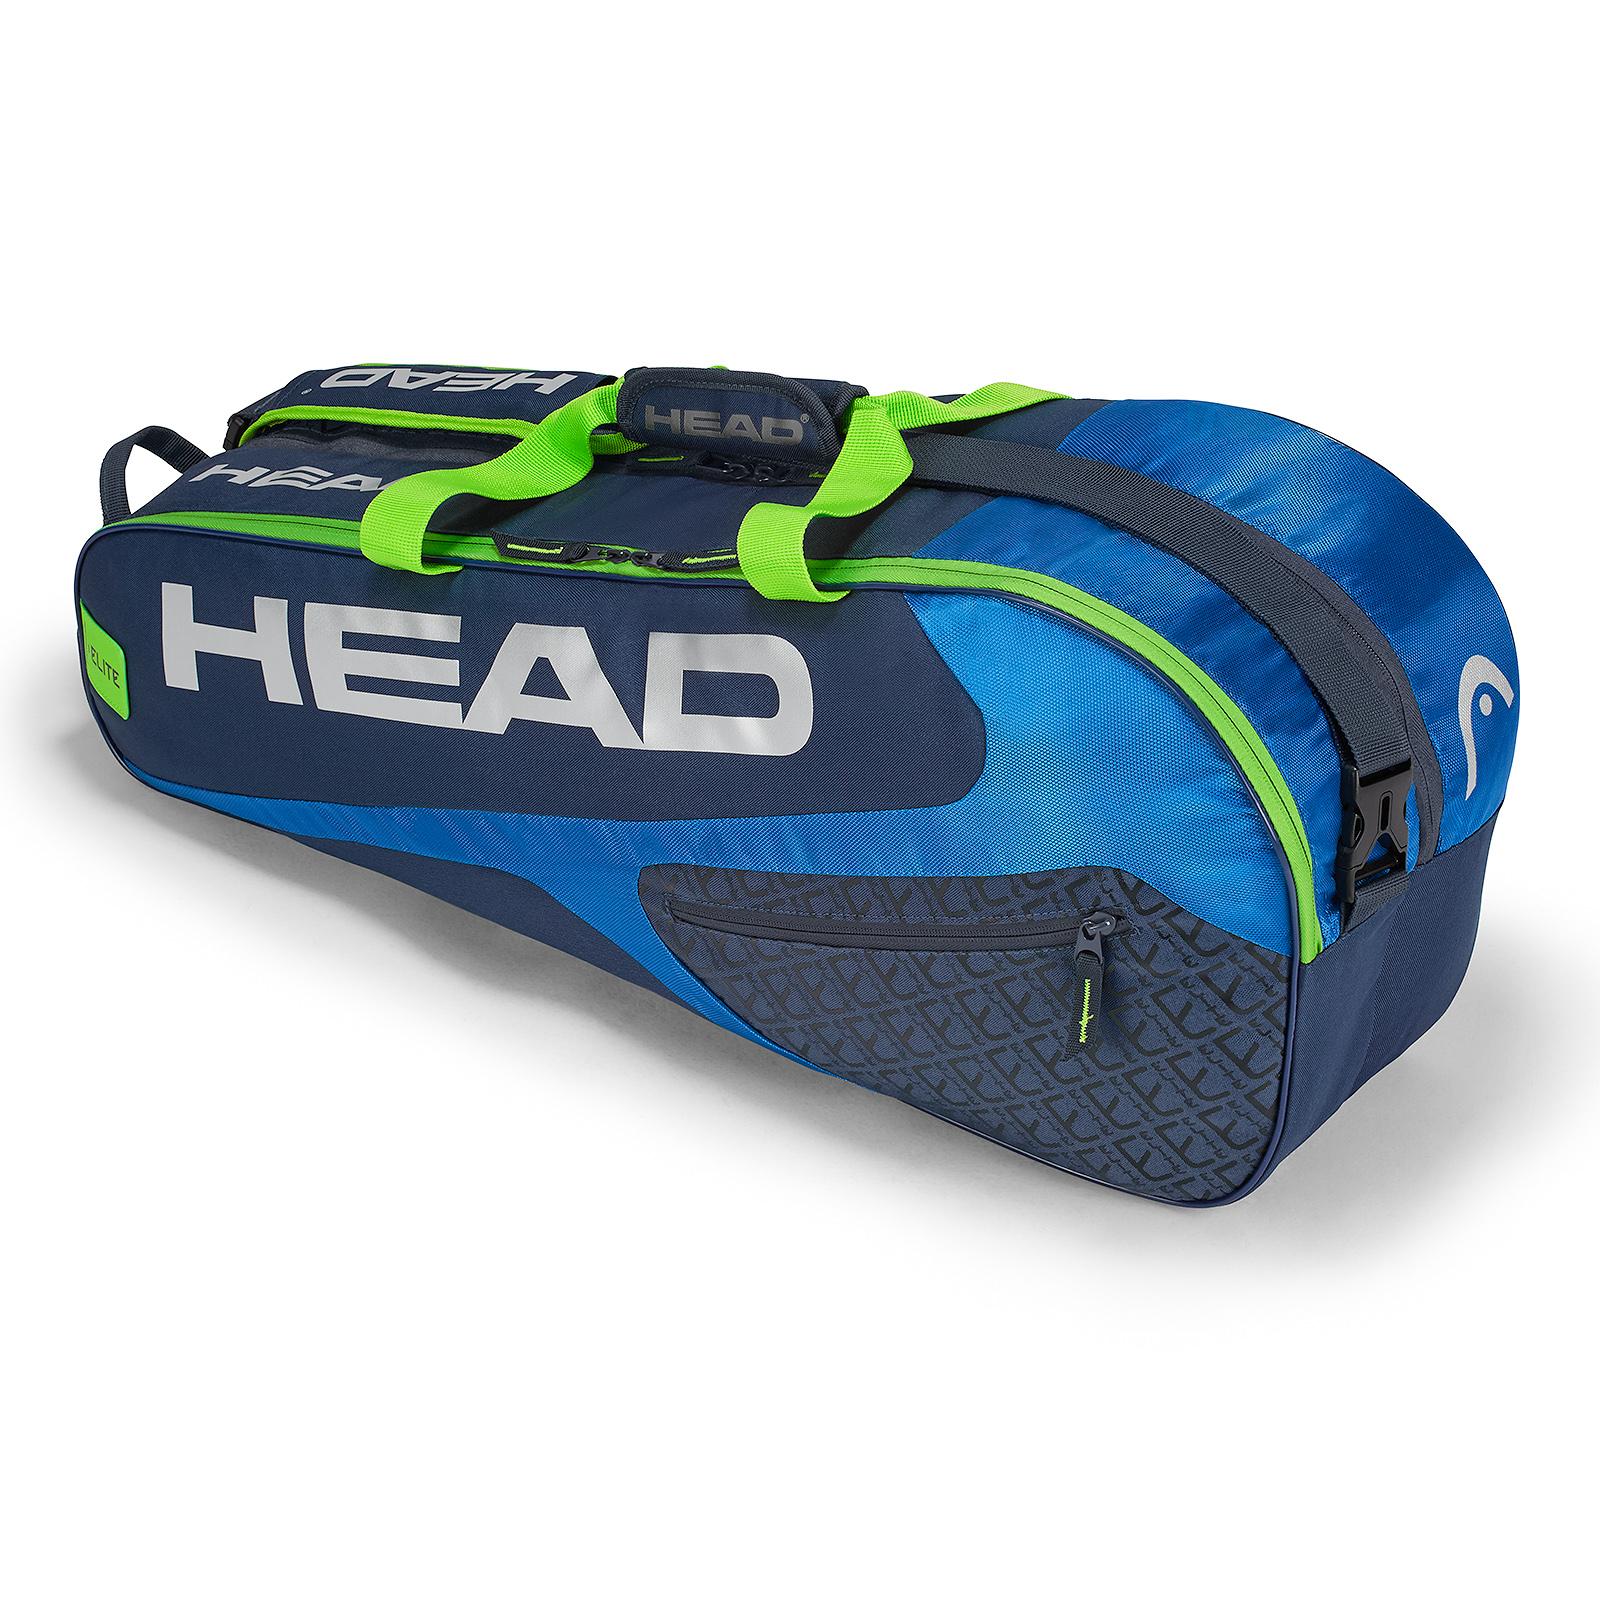 HEAD Elite 6R Combi Blue 2018